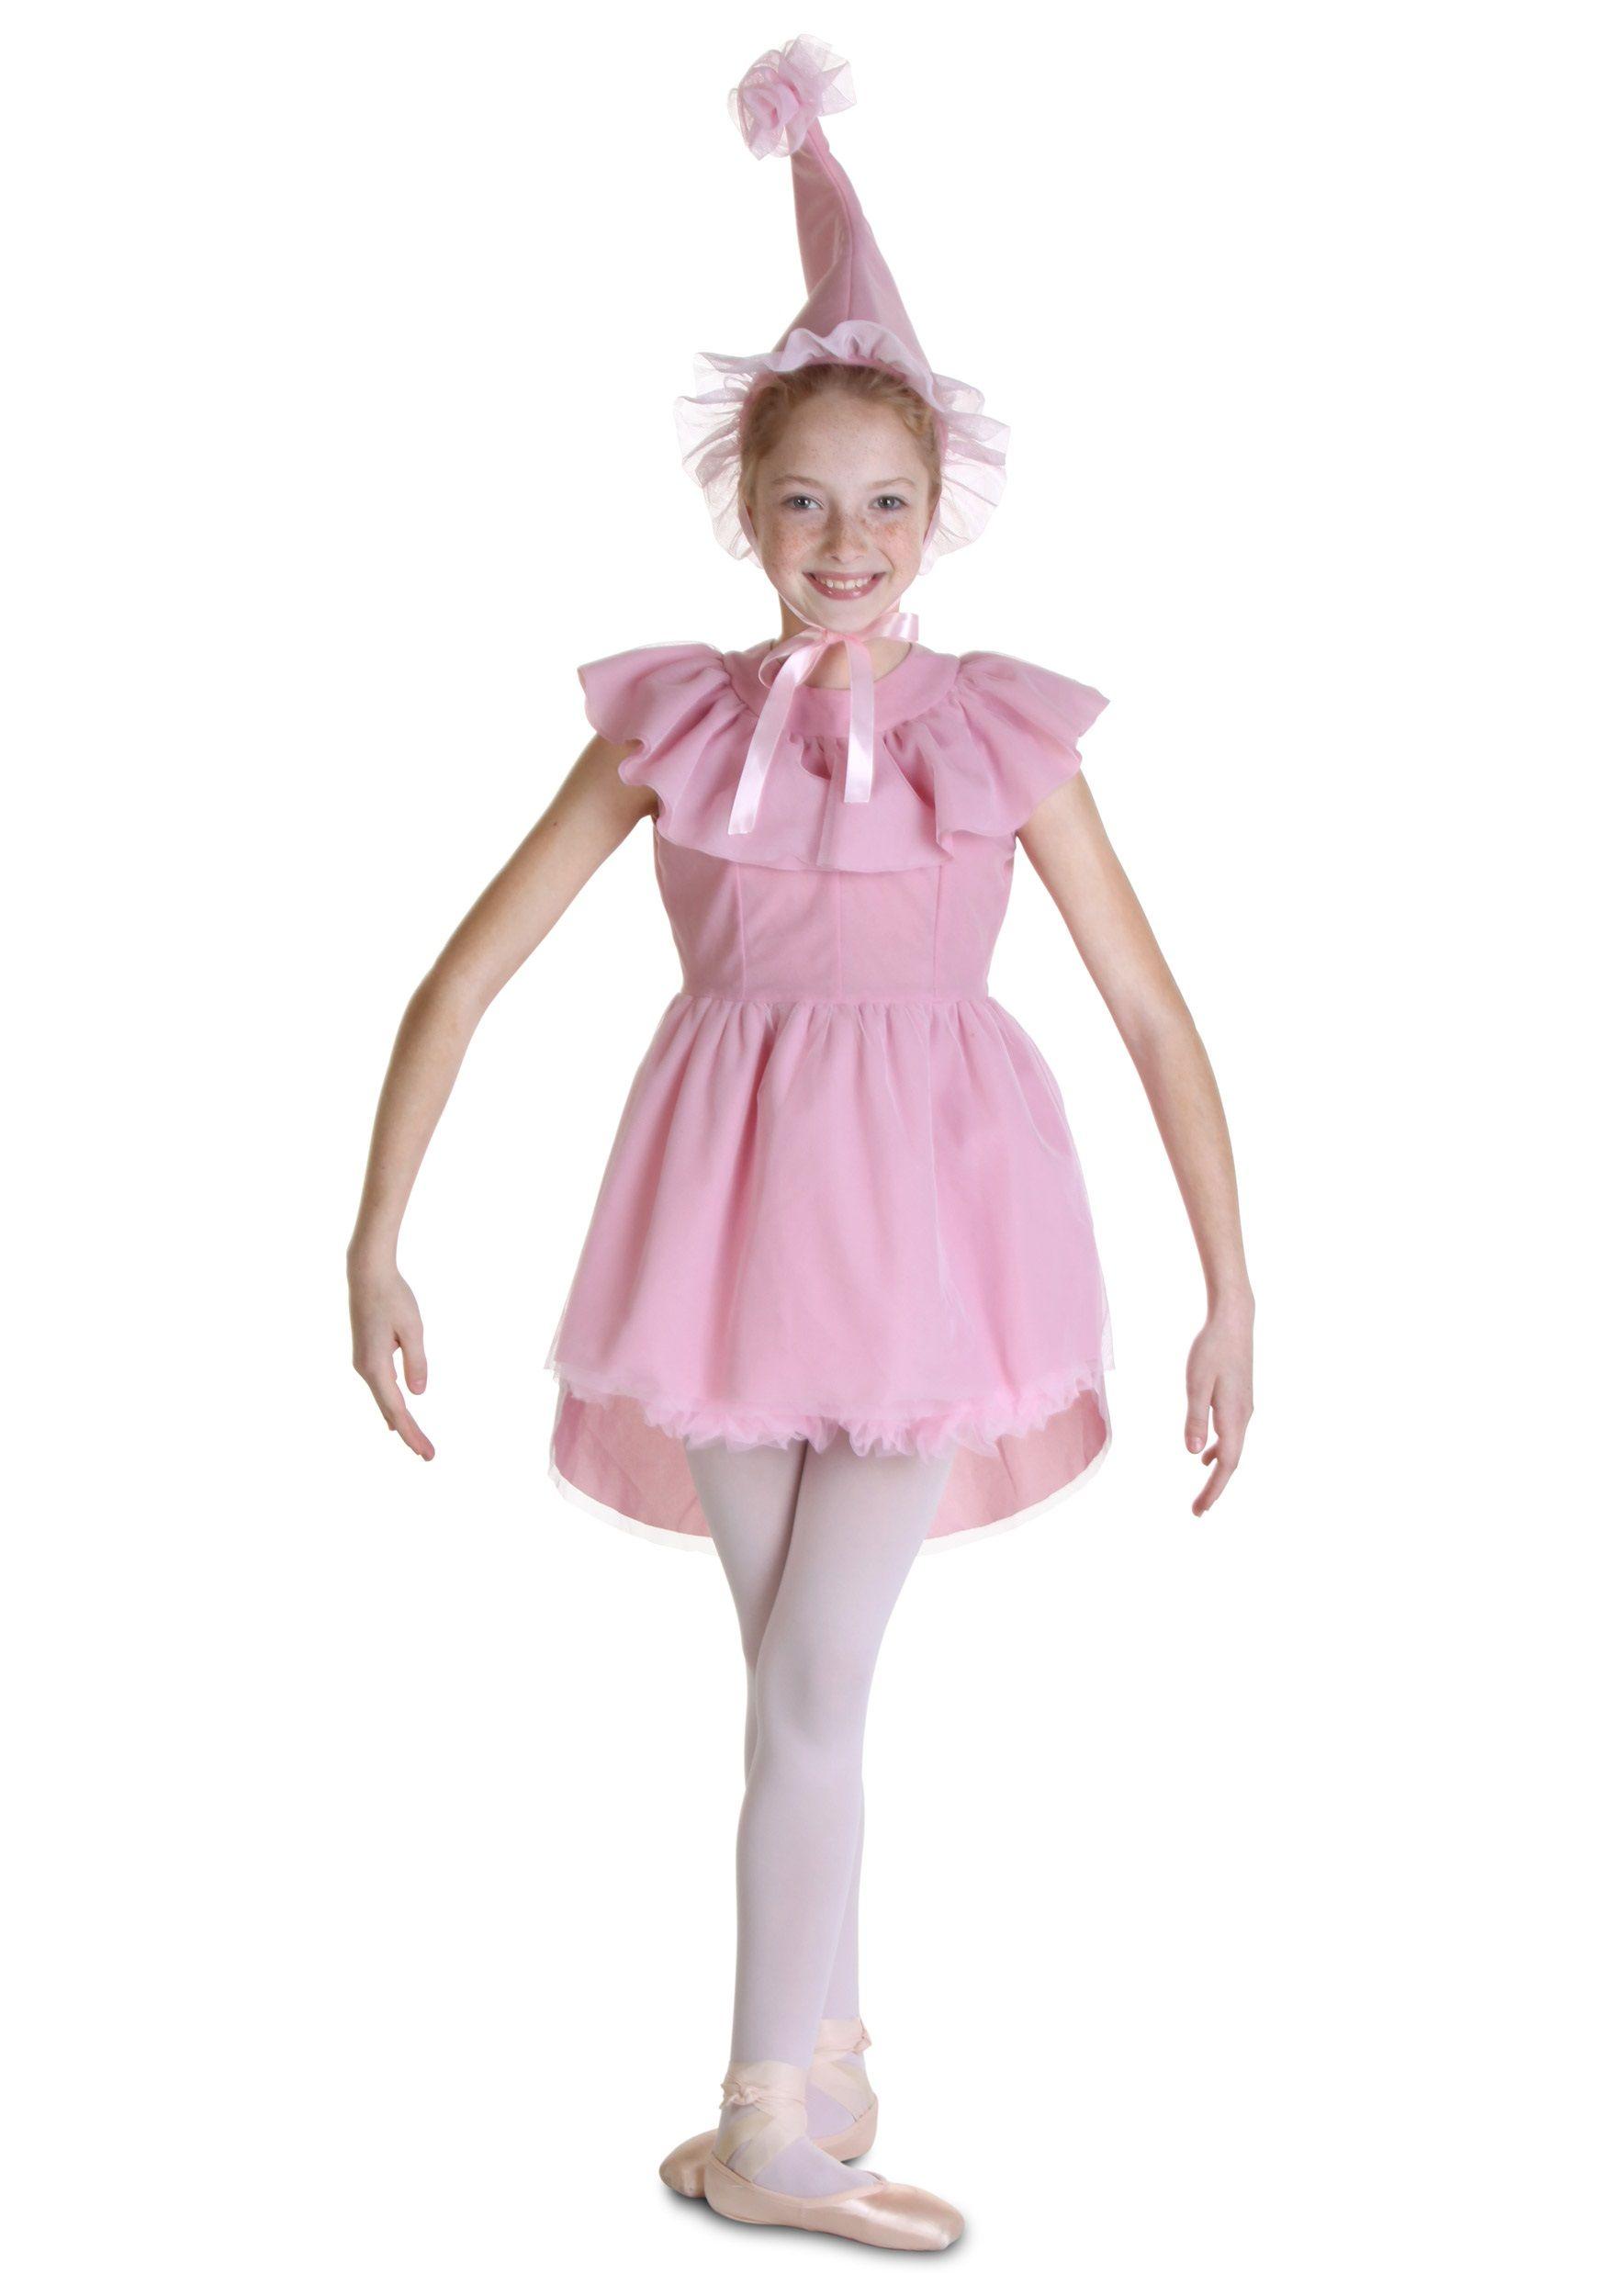 Child Munchkin Ballerina Costume | Ballerina costume, Costumes and ...